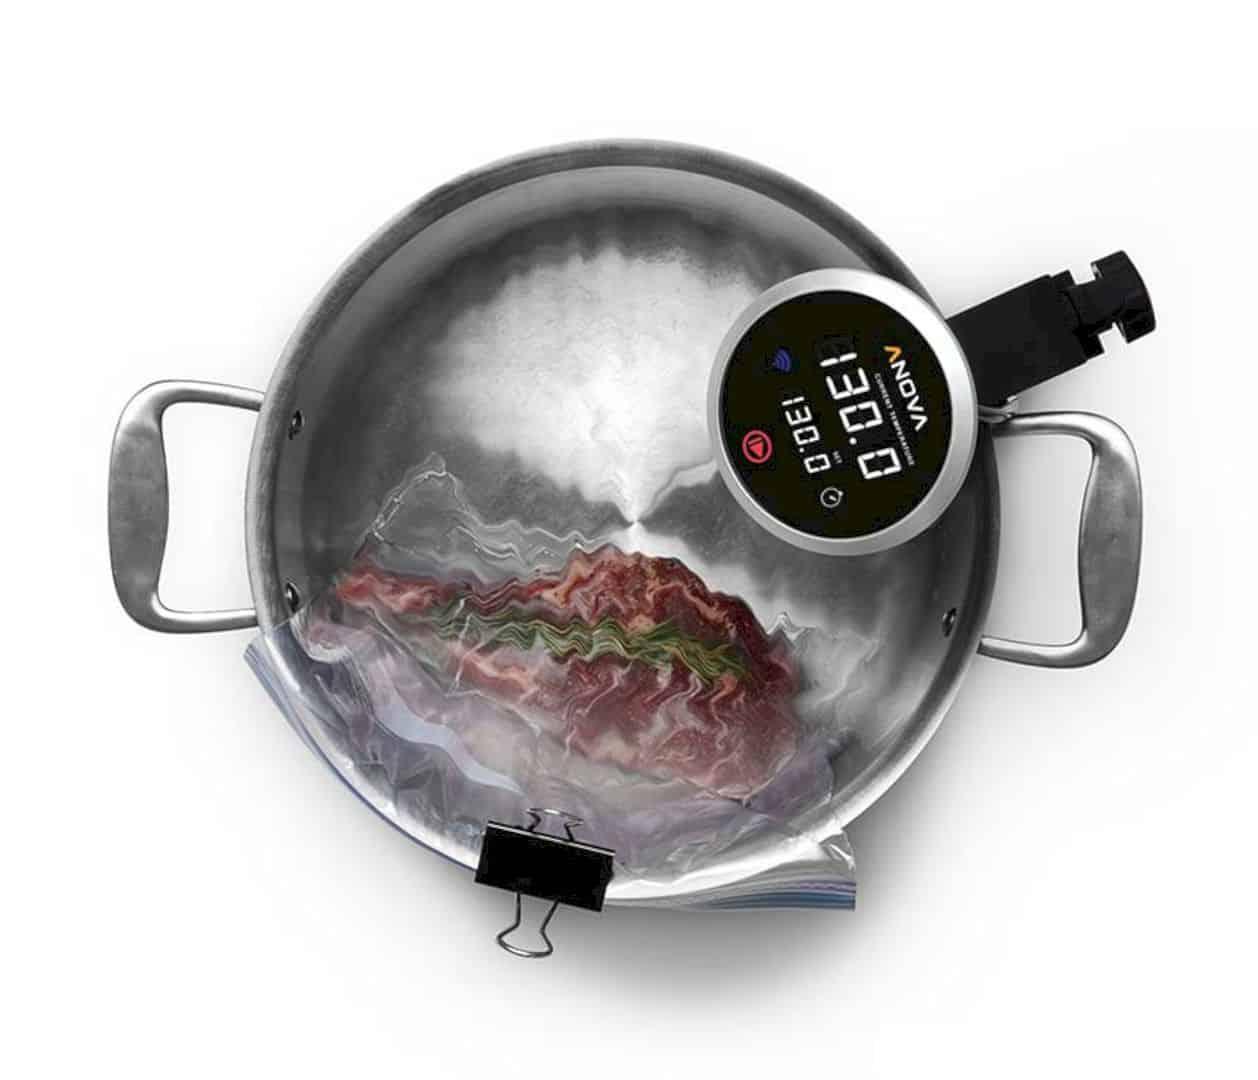 Anova Precision Cooker 4